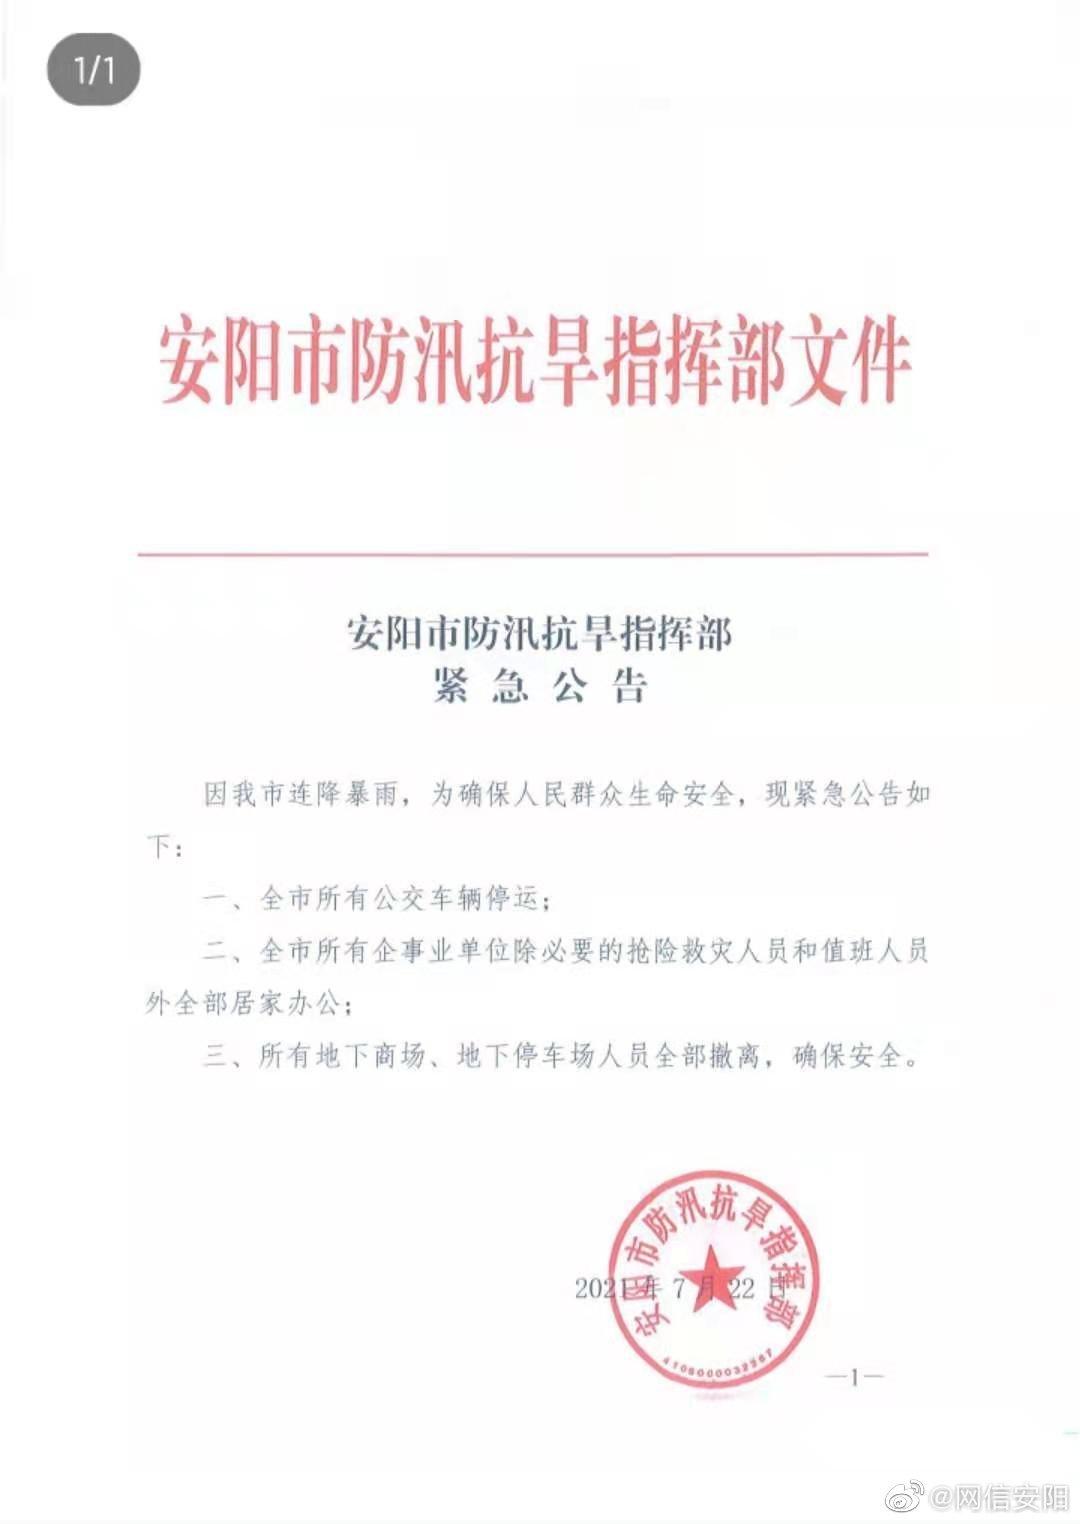 百事2娱乐:刚刚,安阳发布紧急公告!